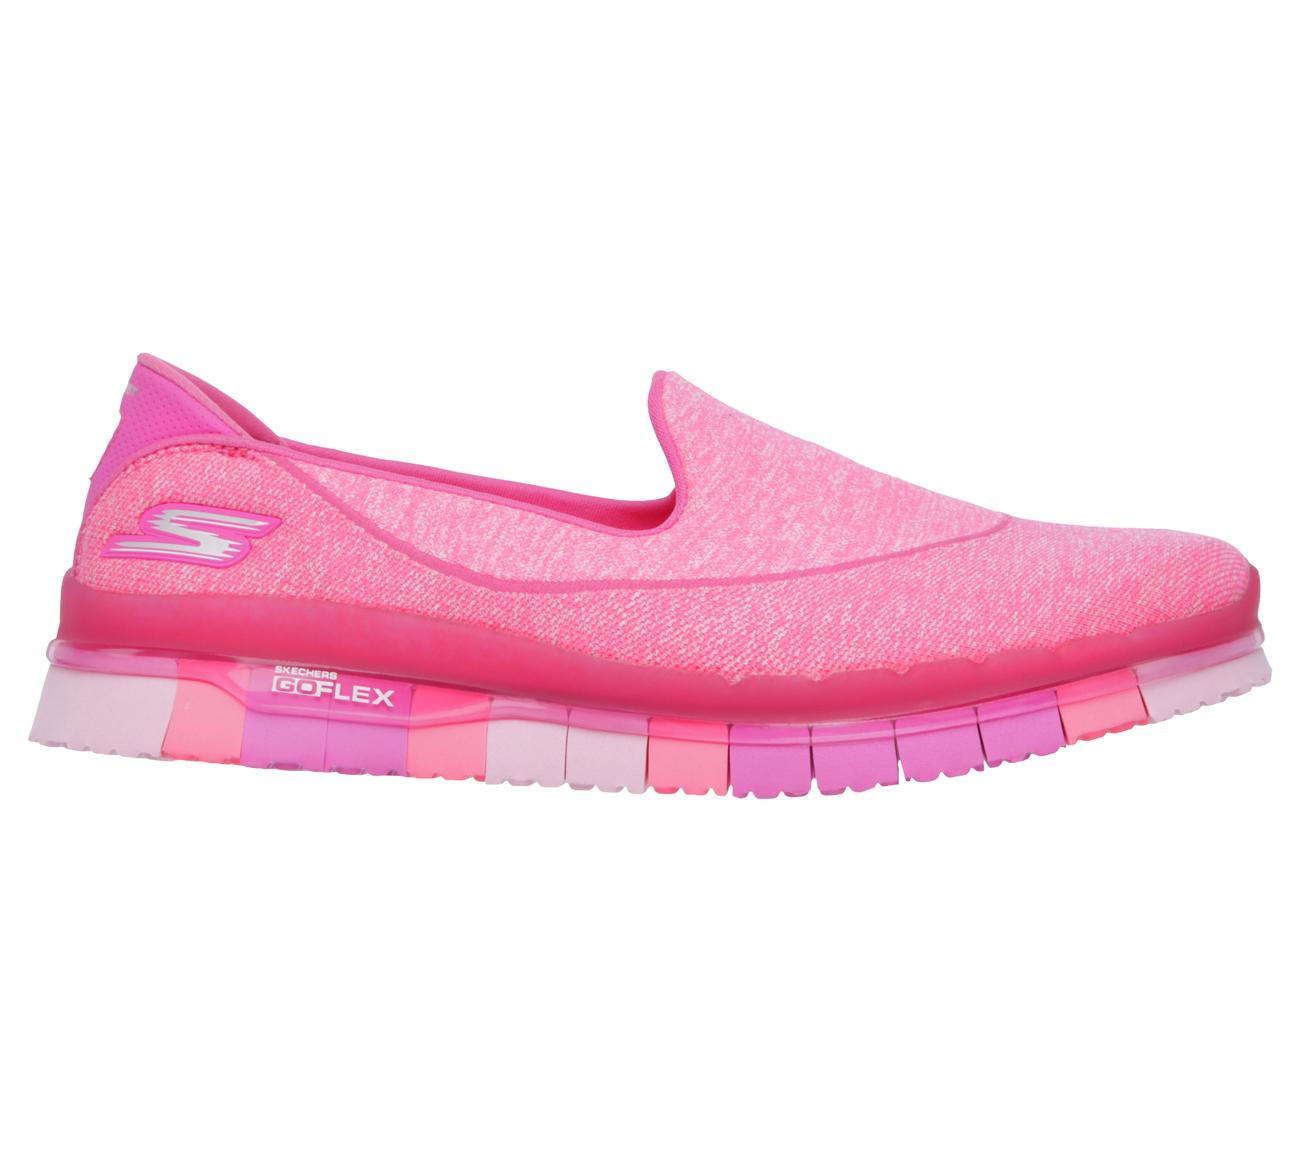 Skechers-Go Flex Slip On-HPK-$149.90